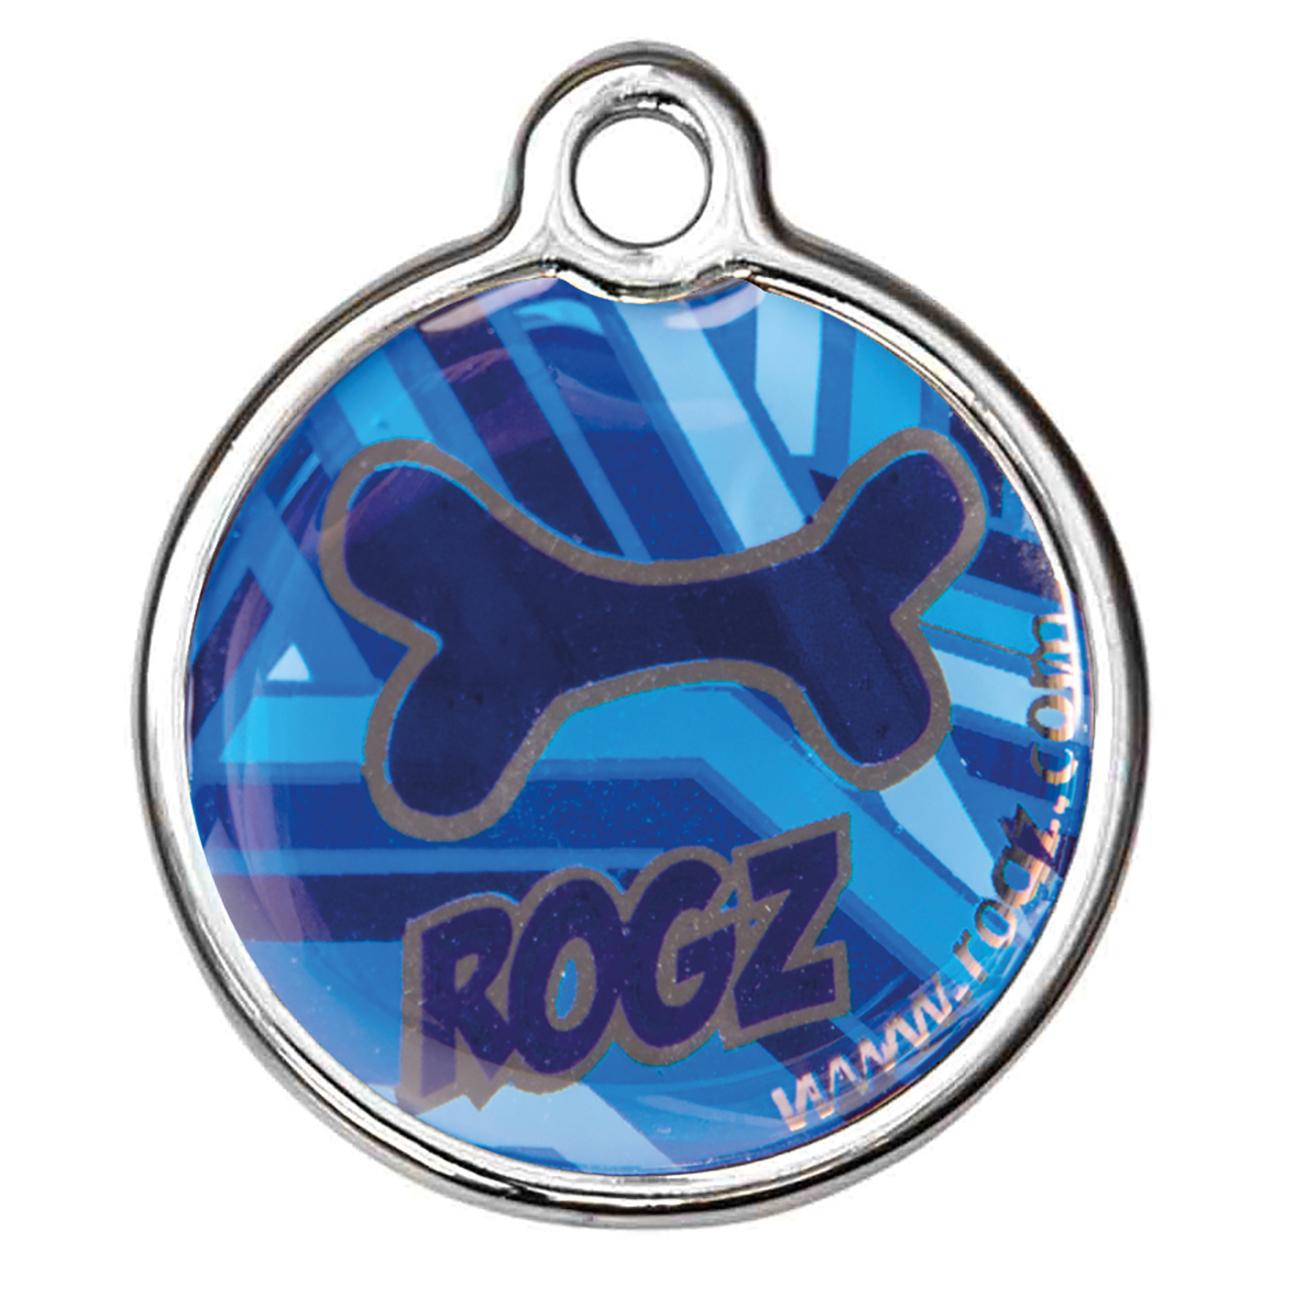 Rogz ID Tag - Metall Adressanhänger, Bild 11